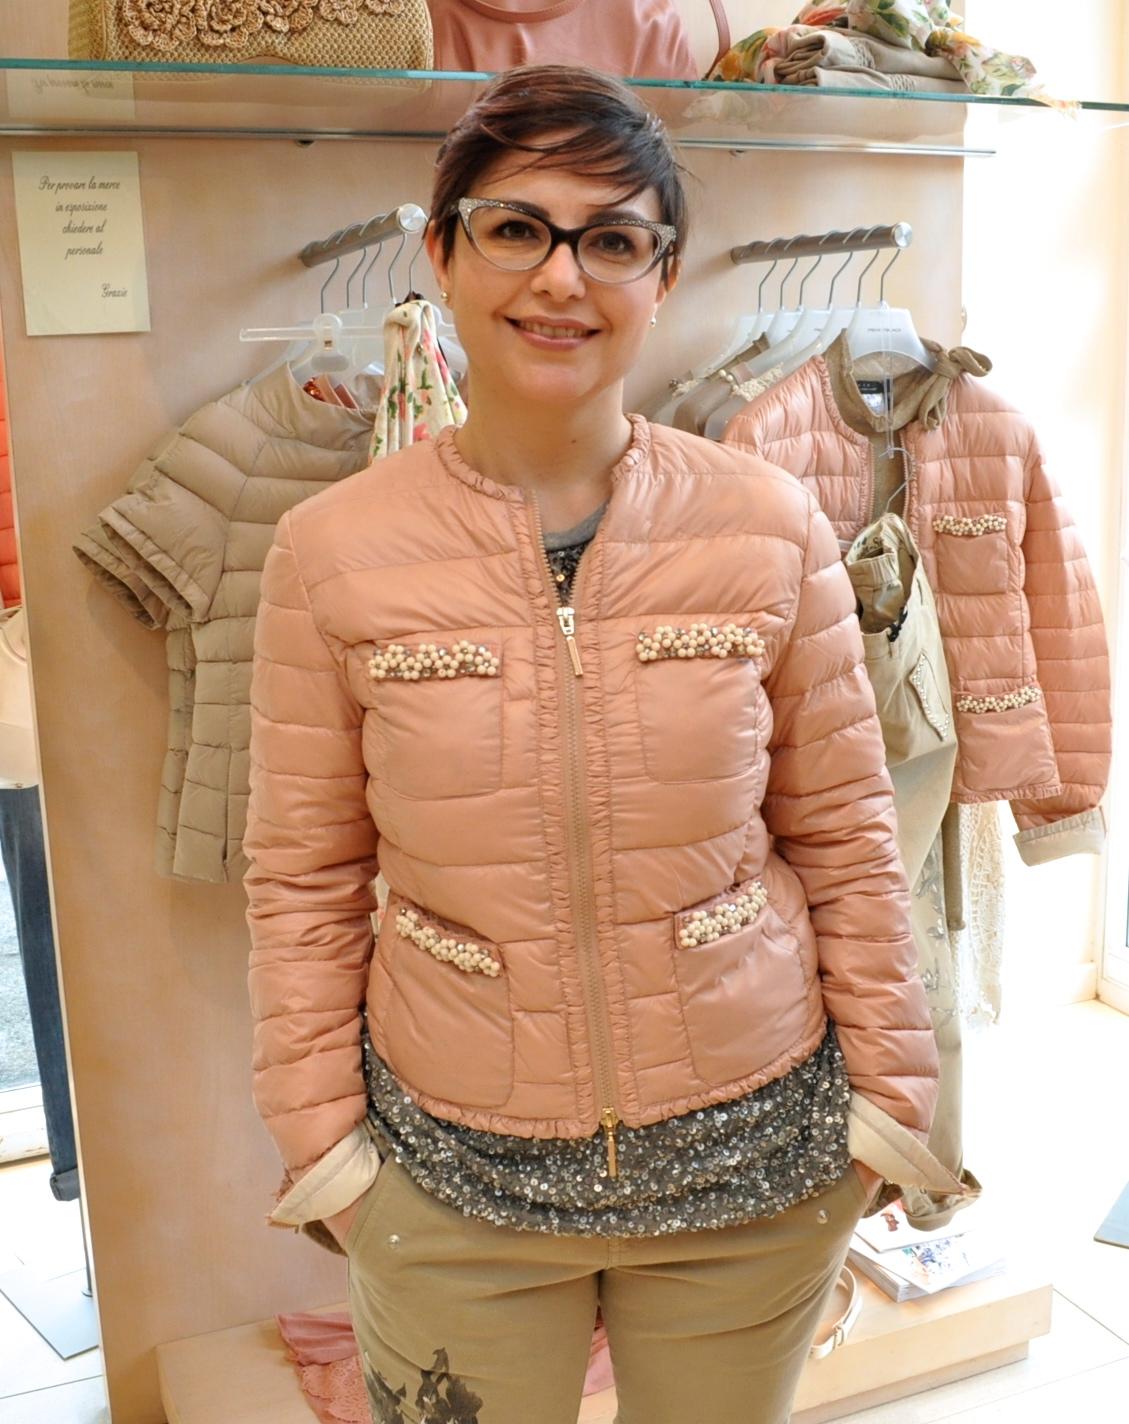 online retailer 1cf27 62ead Twin-Set e il suo mondo tutto rosa! - Firenze Empoli ...